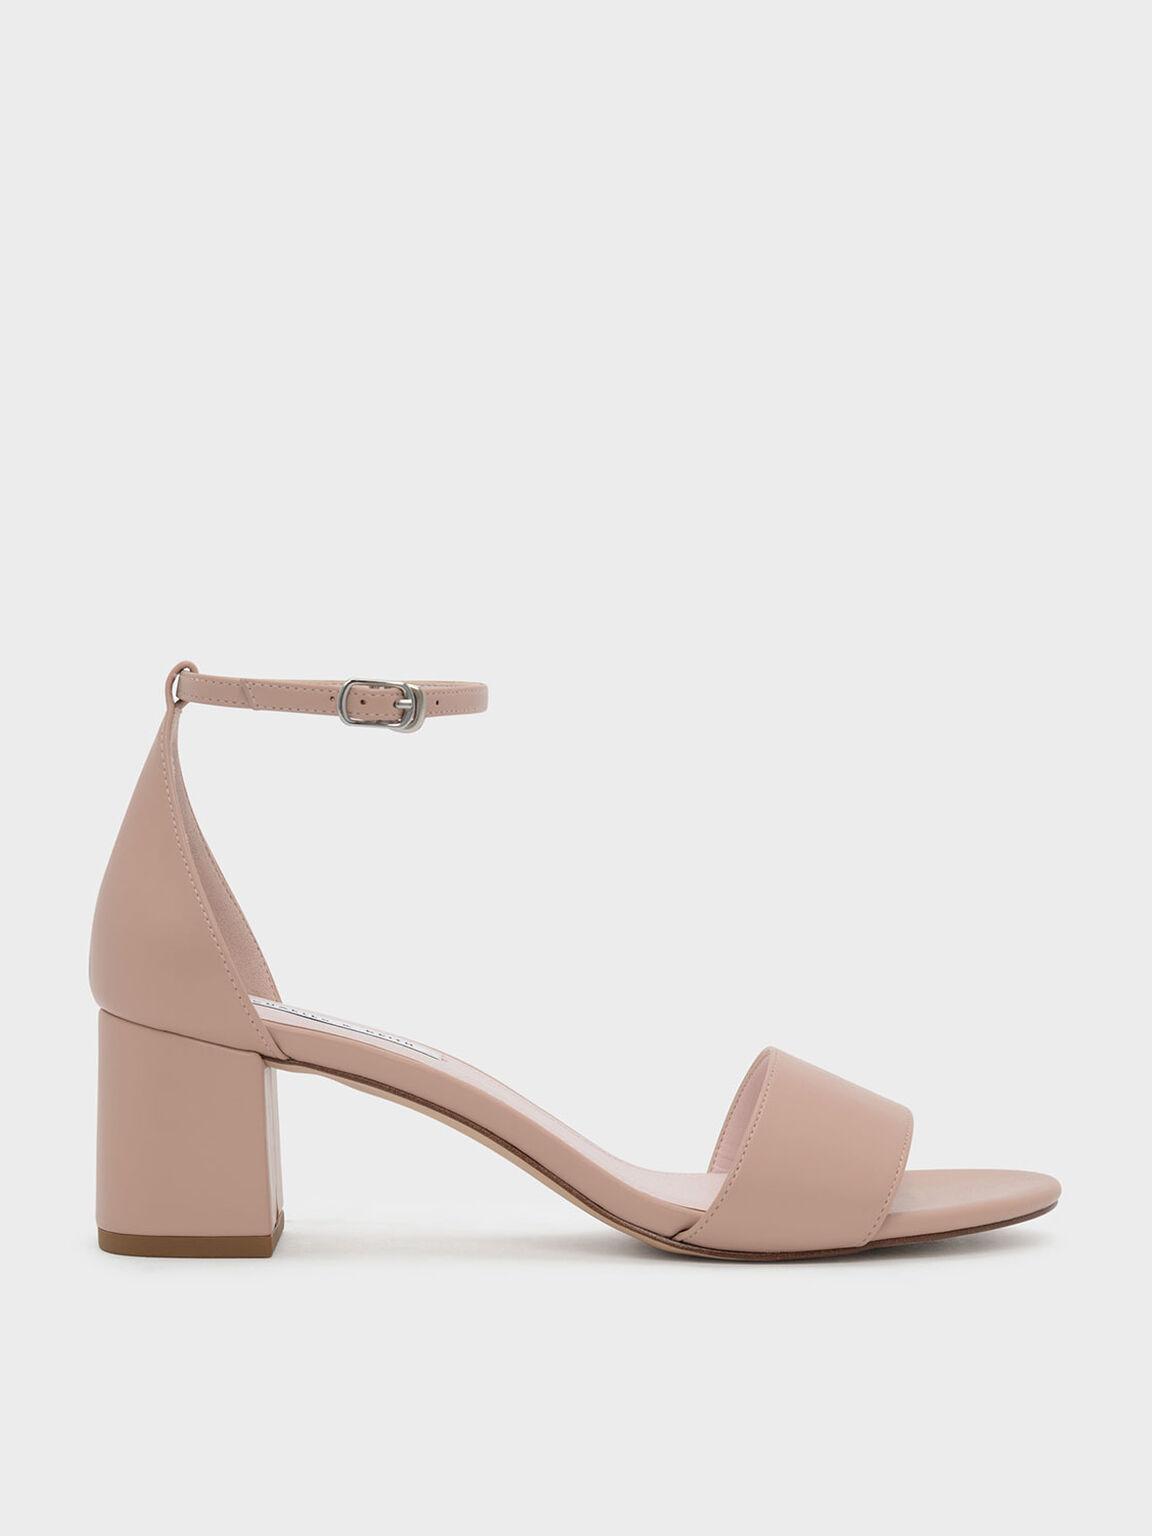 Ankle Strap Sandals, Pink, hi-res